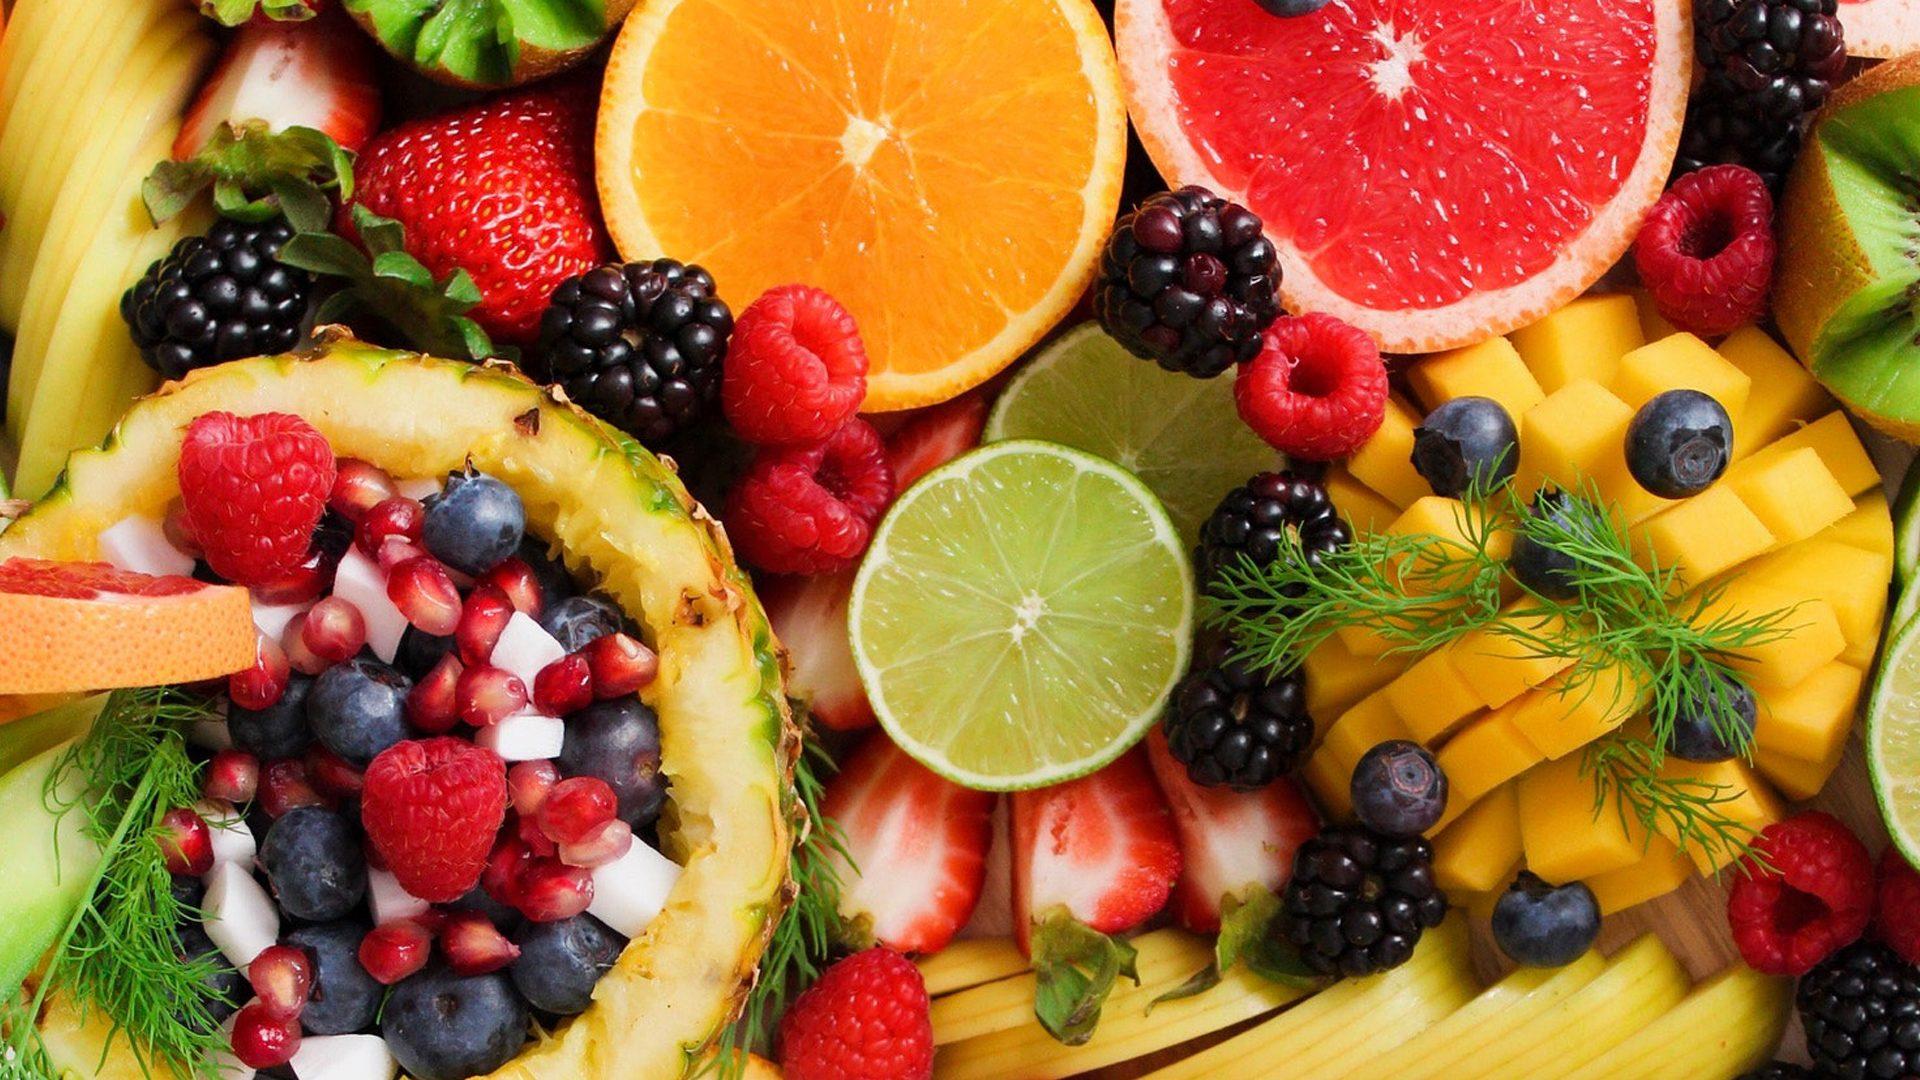 Frutalmeidas